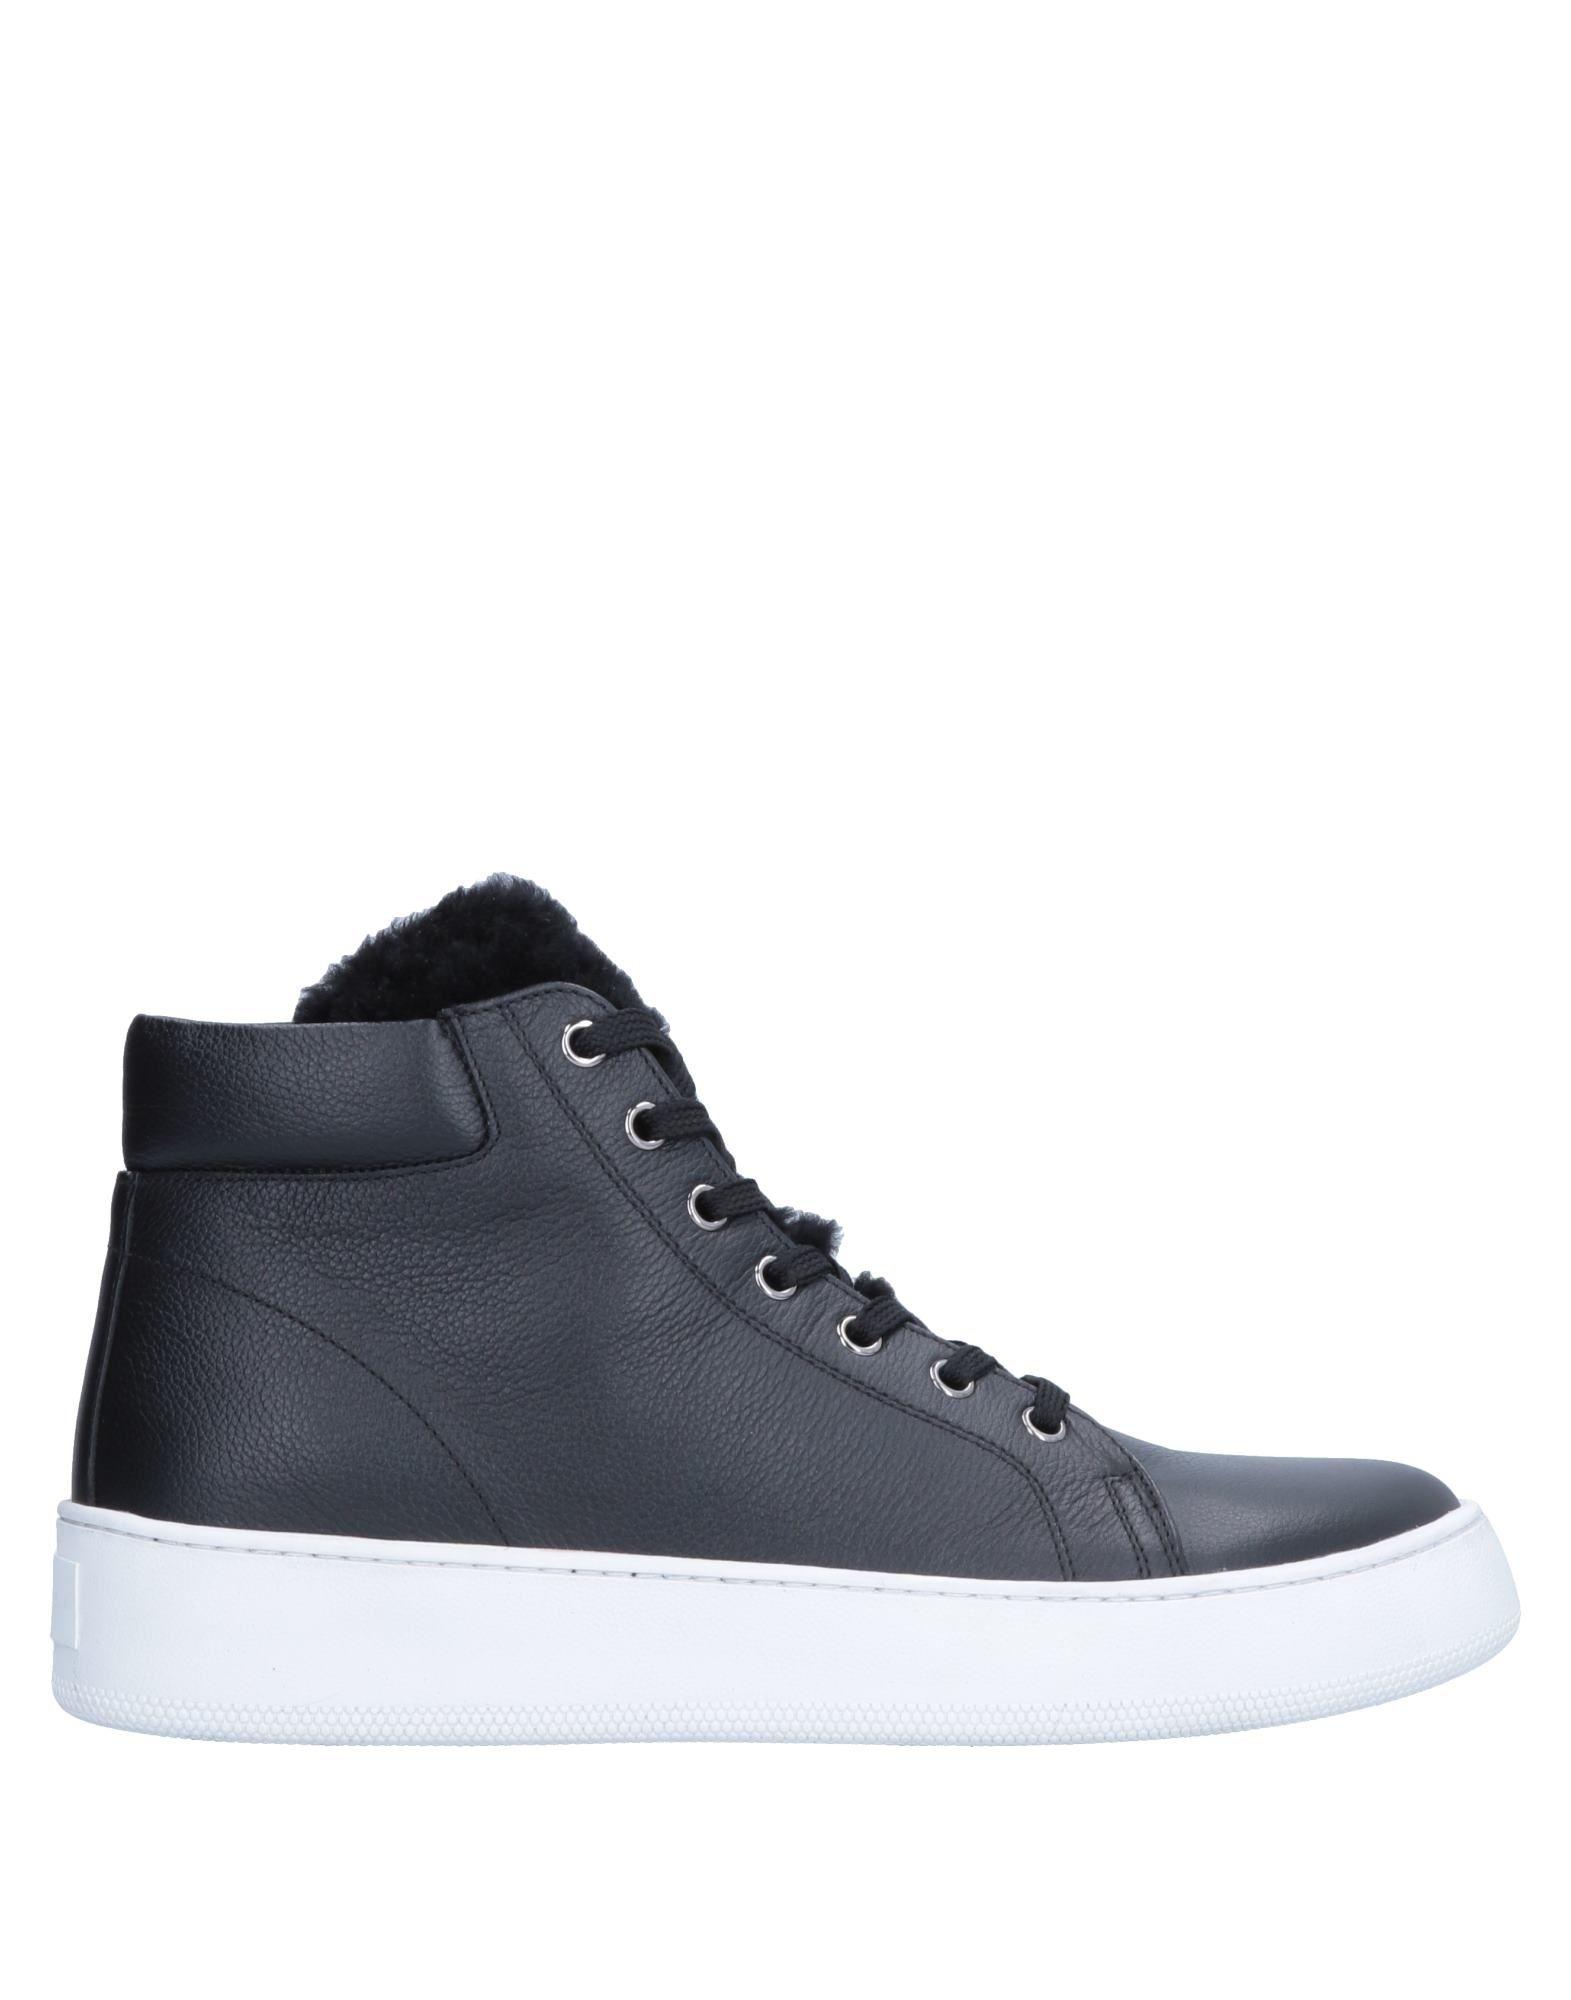 Scarpe economiche e resistenti Sneakers Maimai Donna - 11546211TH